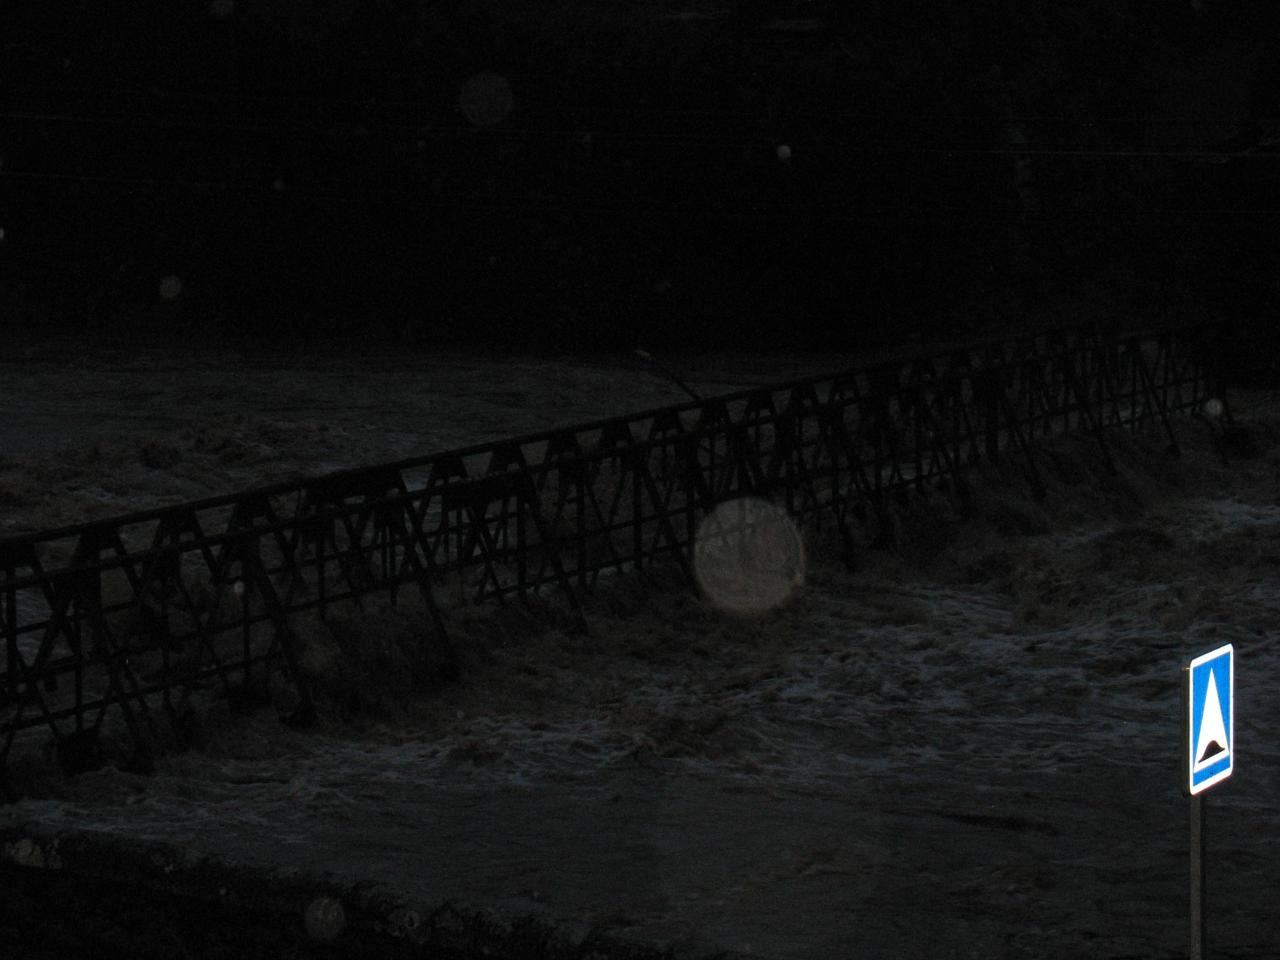 La Nuéjouls en crue à LAROQUE LE 28/11/2014 à 17H